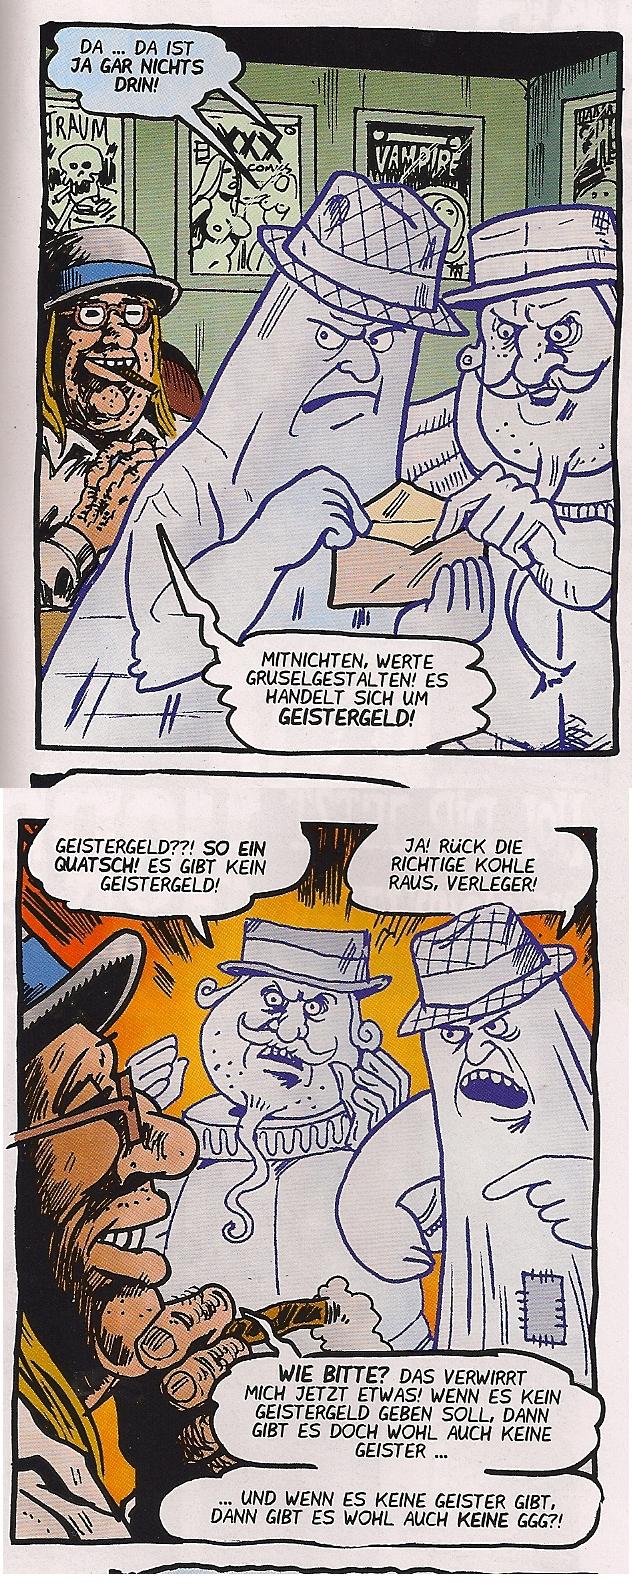 Weissblechs Gratis Grusel 2011